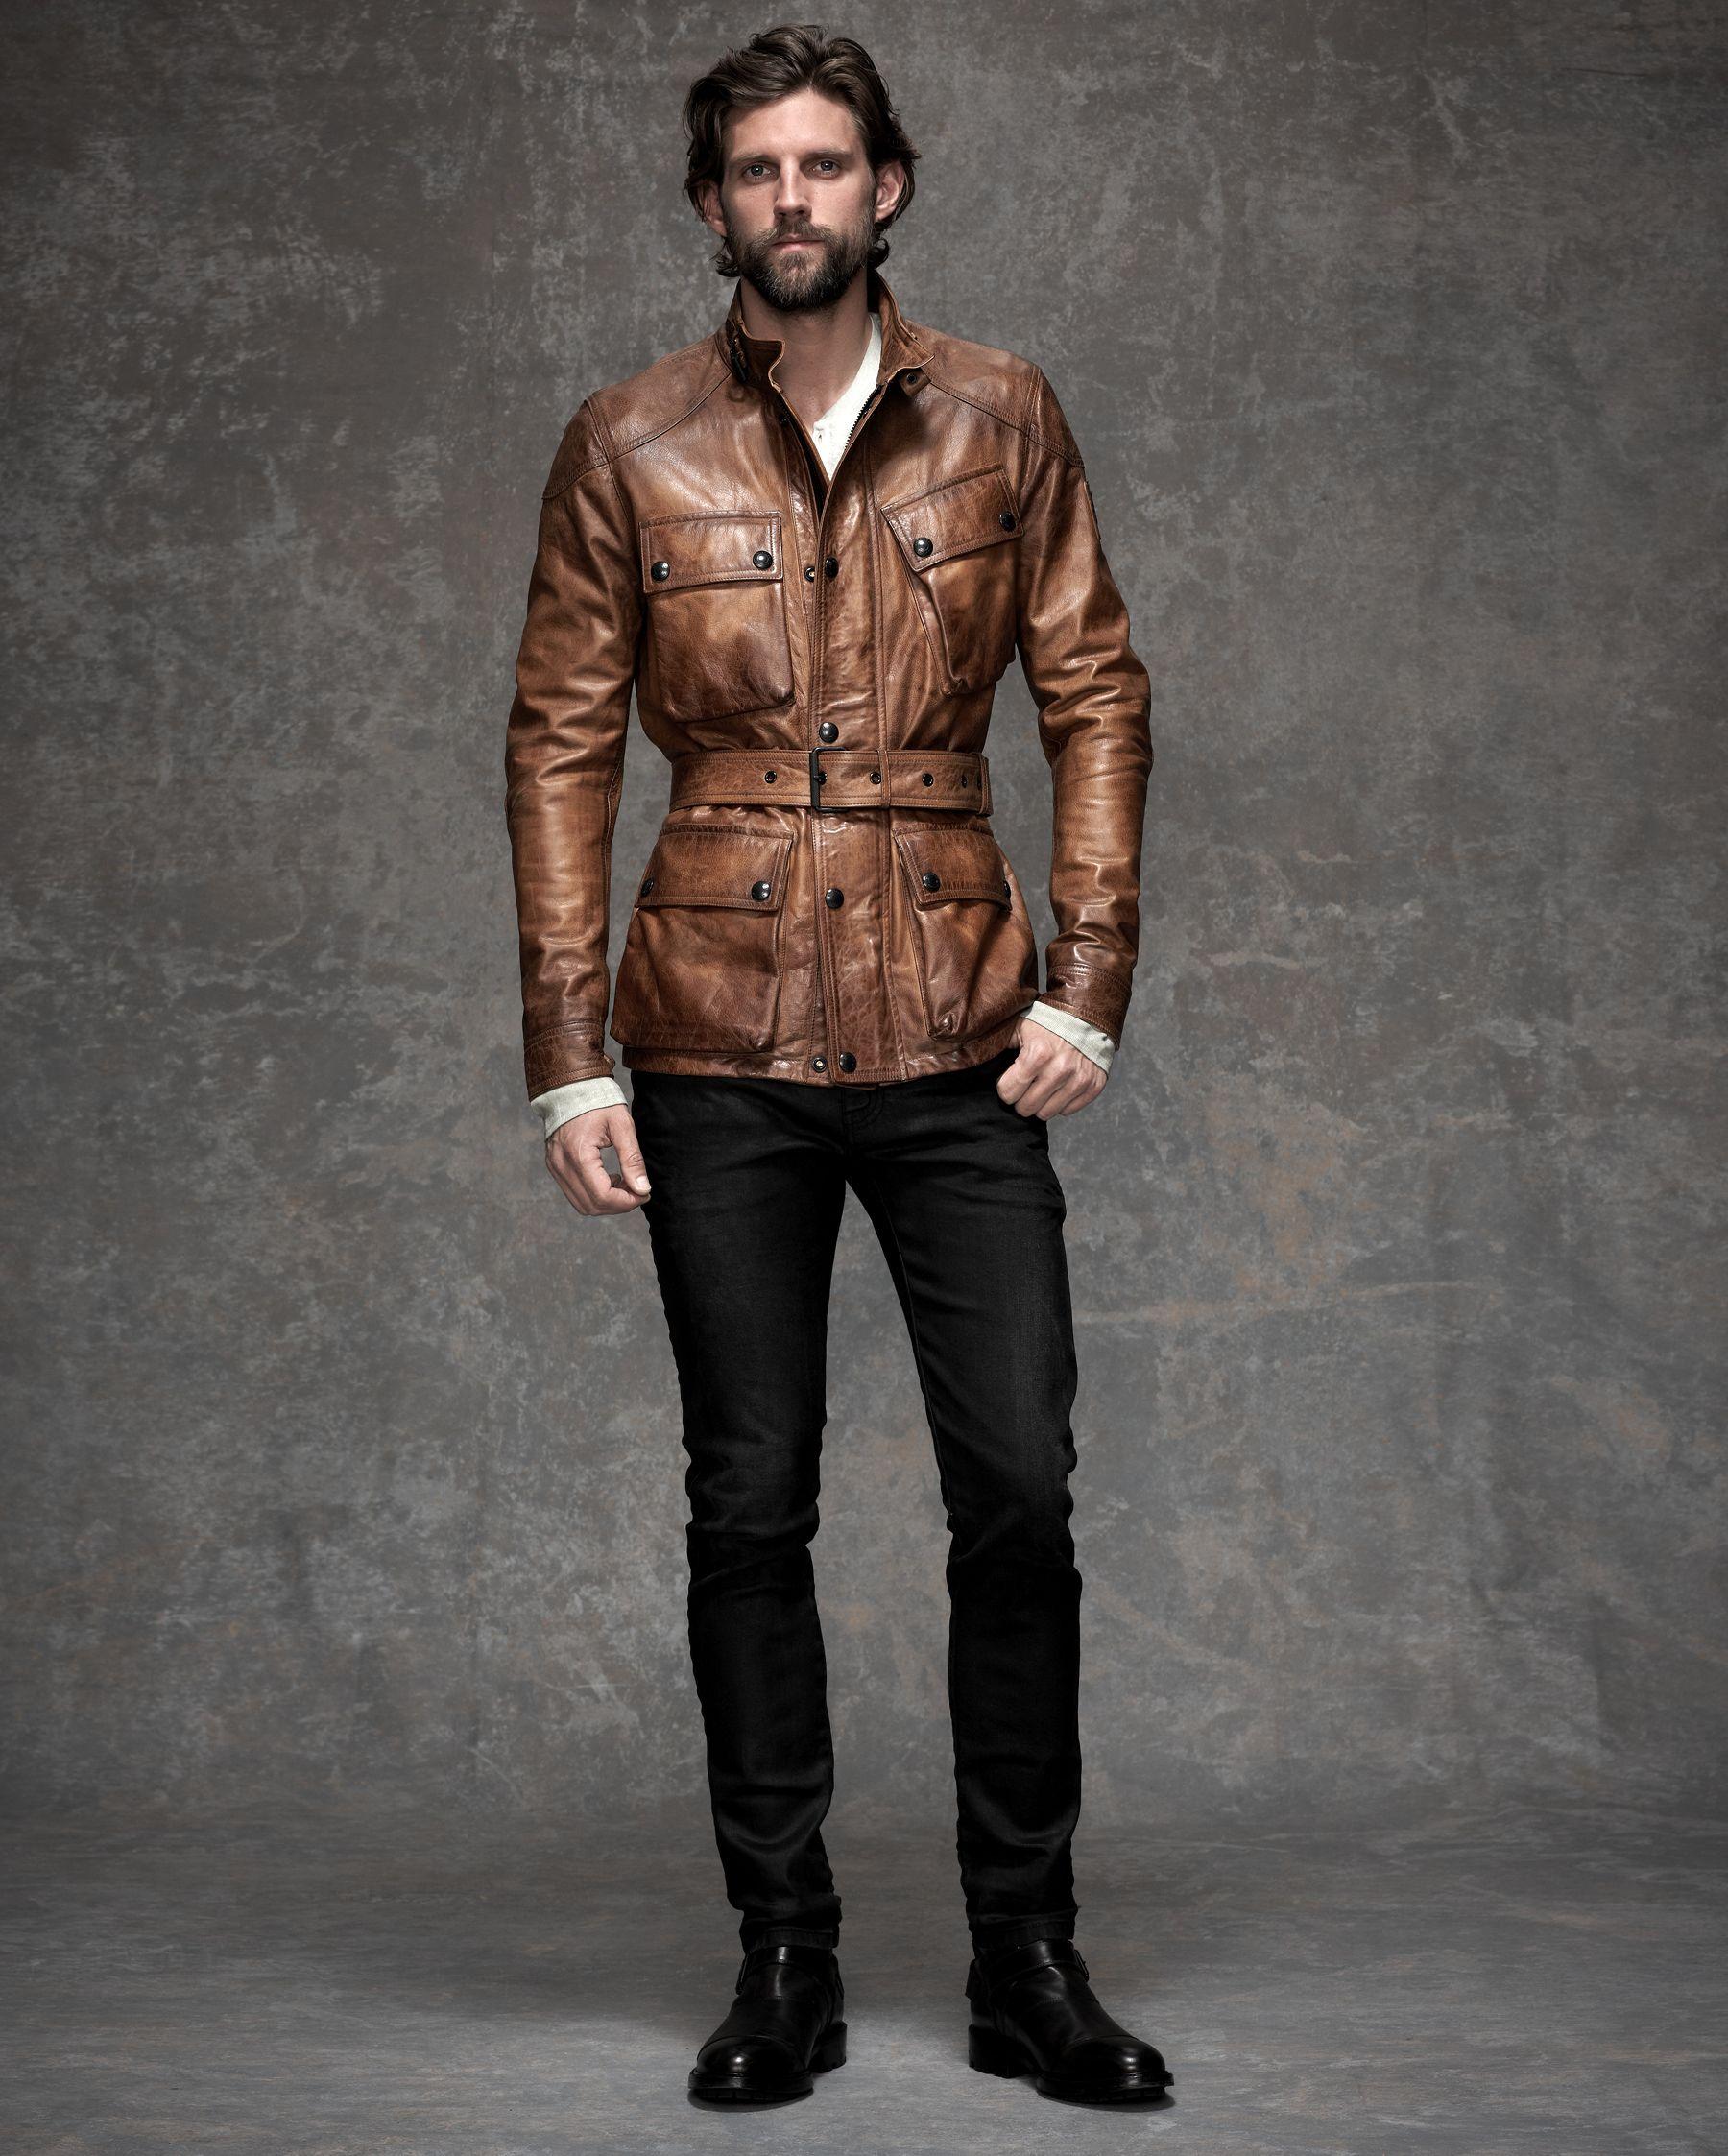 e8388de610ce Classic Menswear Jackets from BELSTAFF  jackets  belstaff